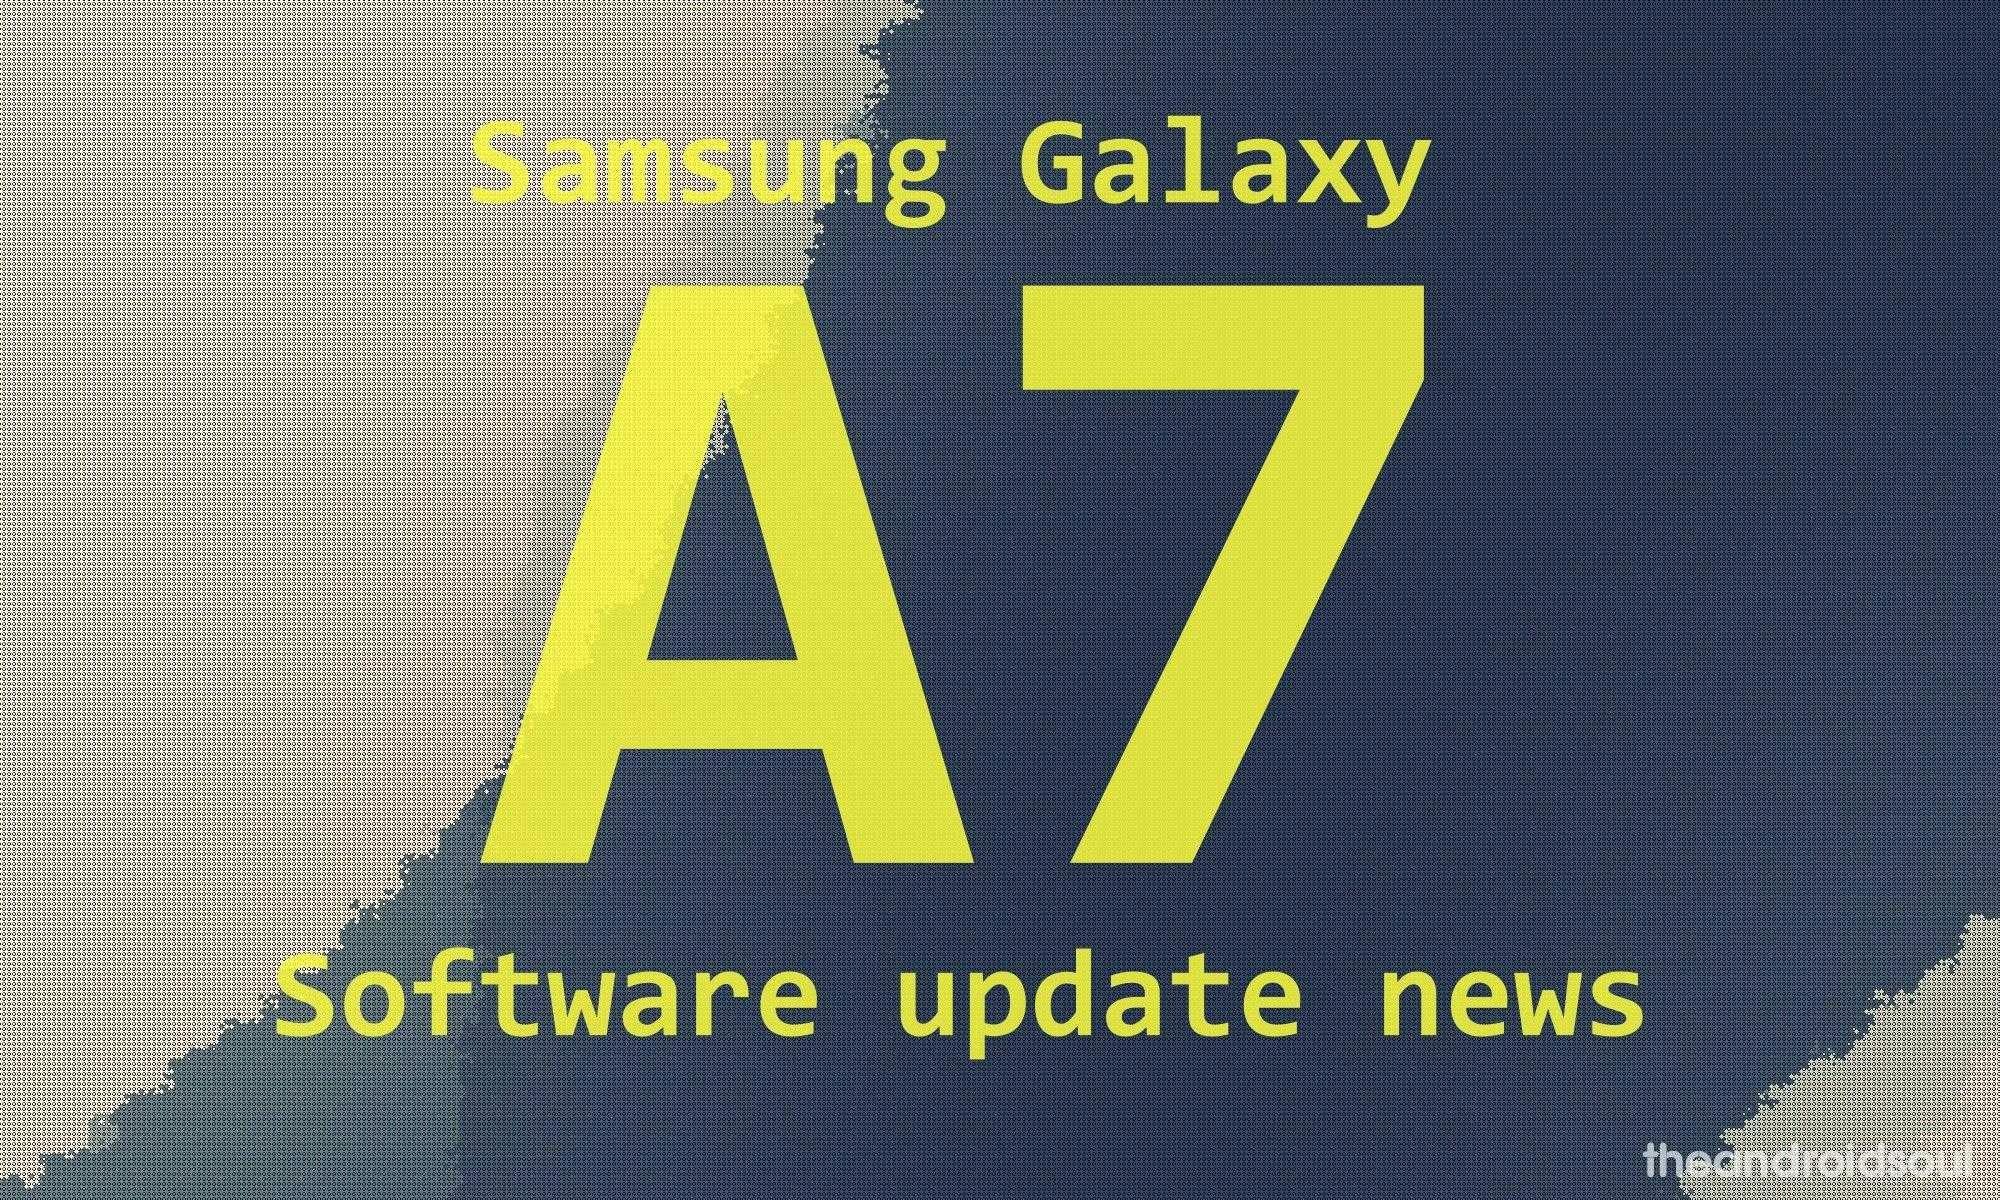 Samsung Galaxy A7 update release news